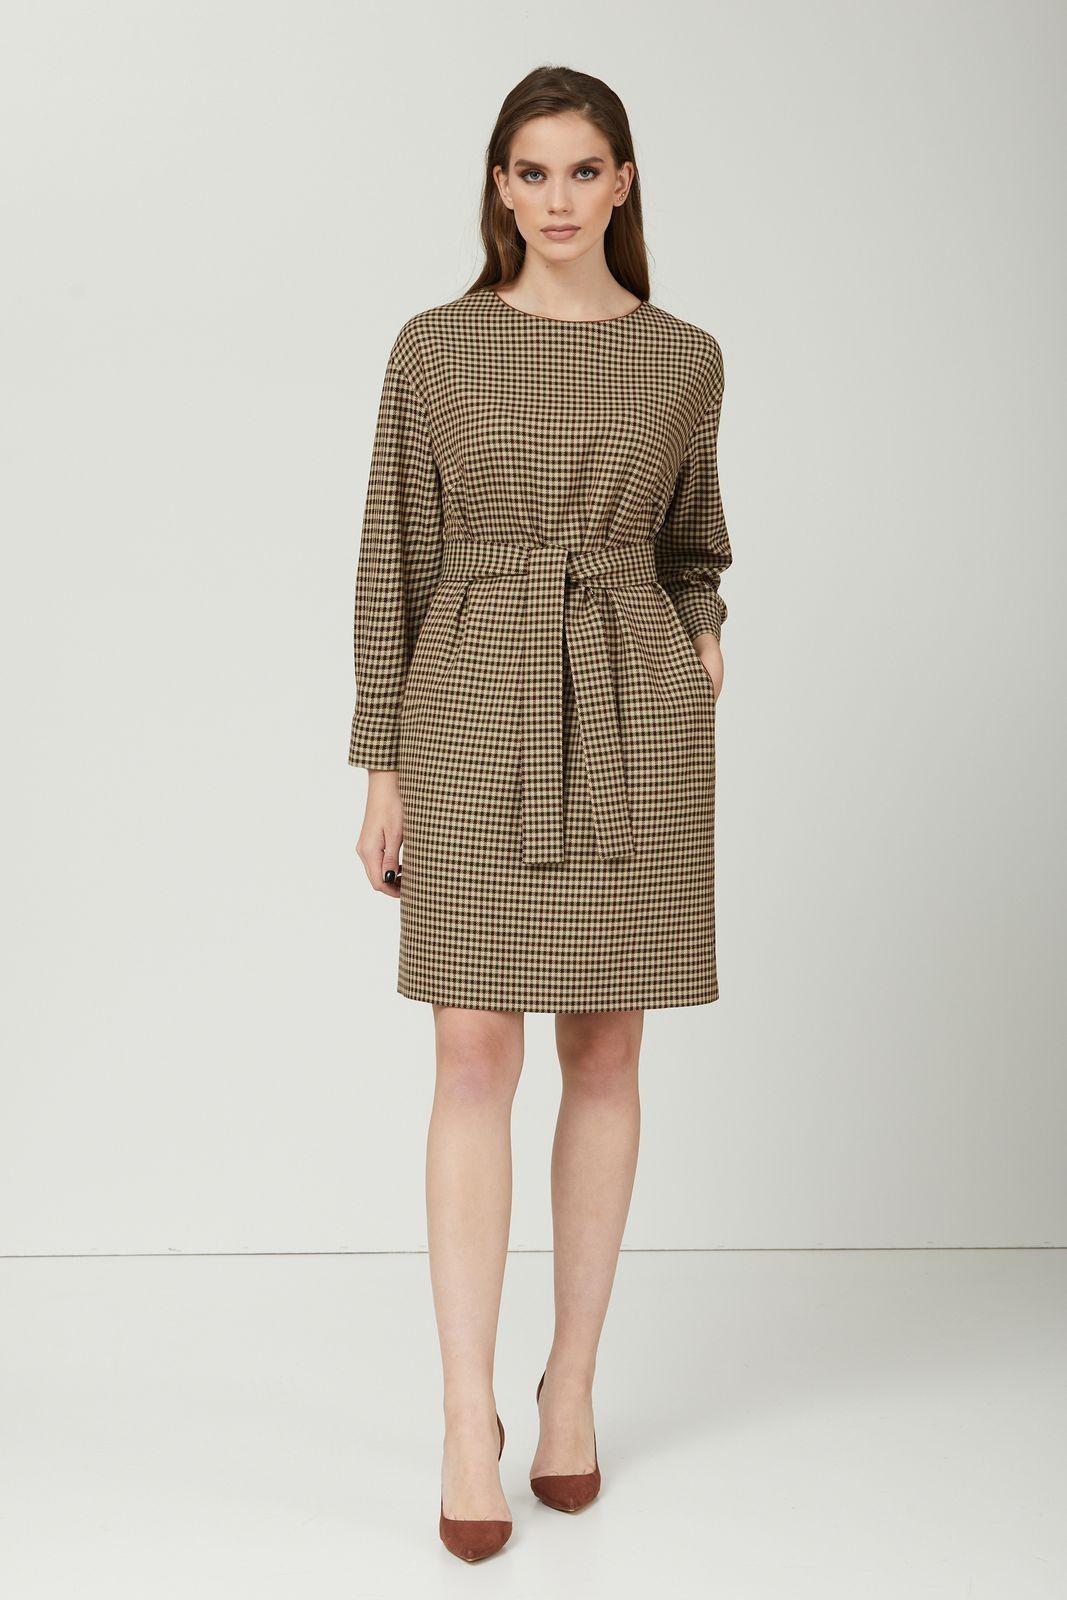 Платье NIKA 5762 песочный